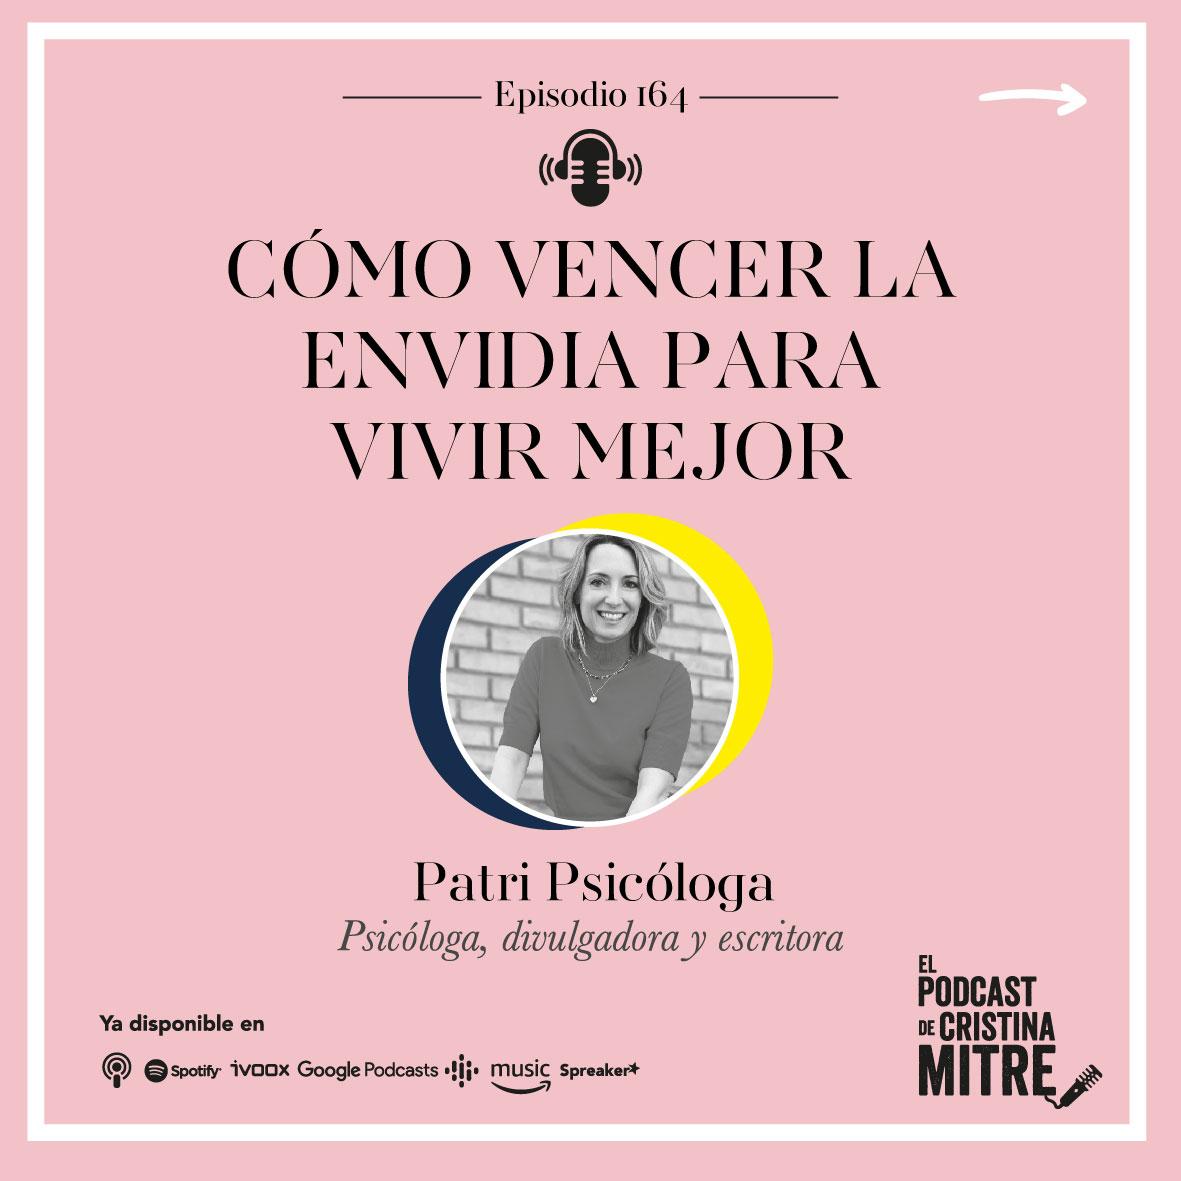 Patri Psicóloga envidia personalidad Cristina Mitre